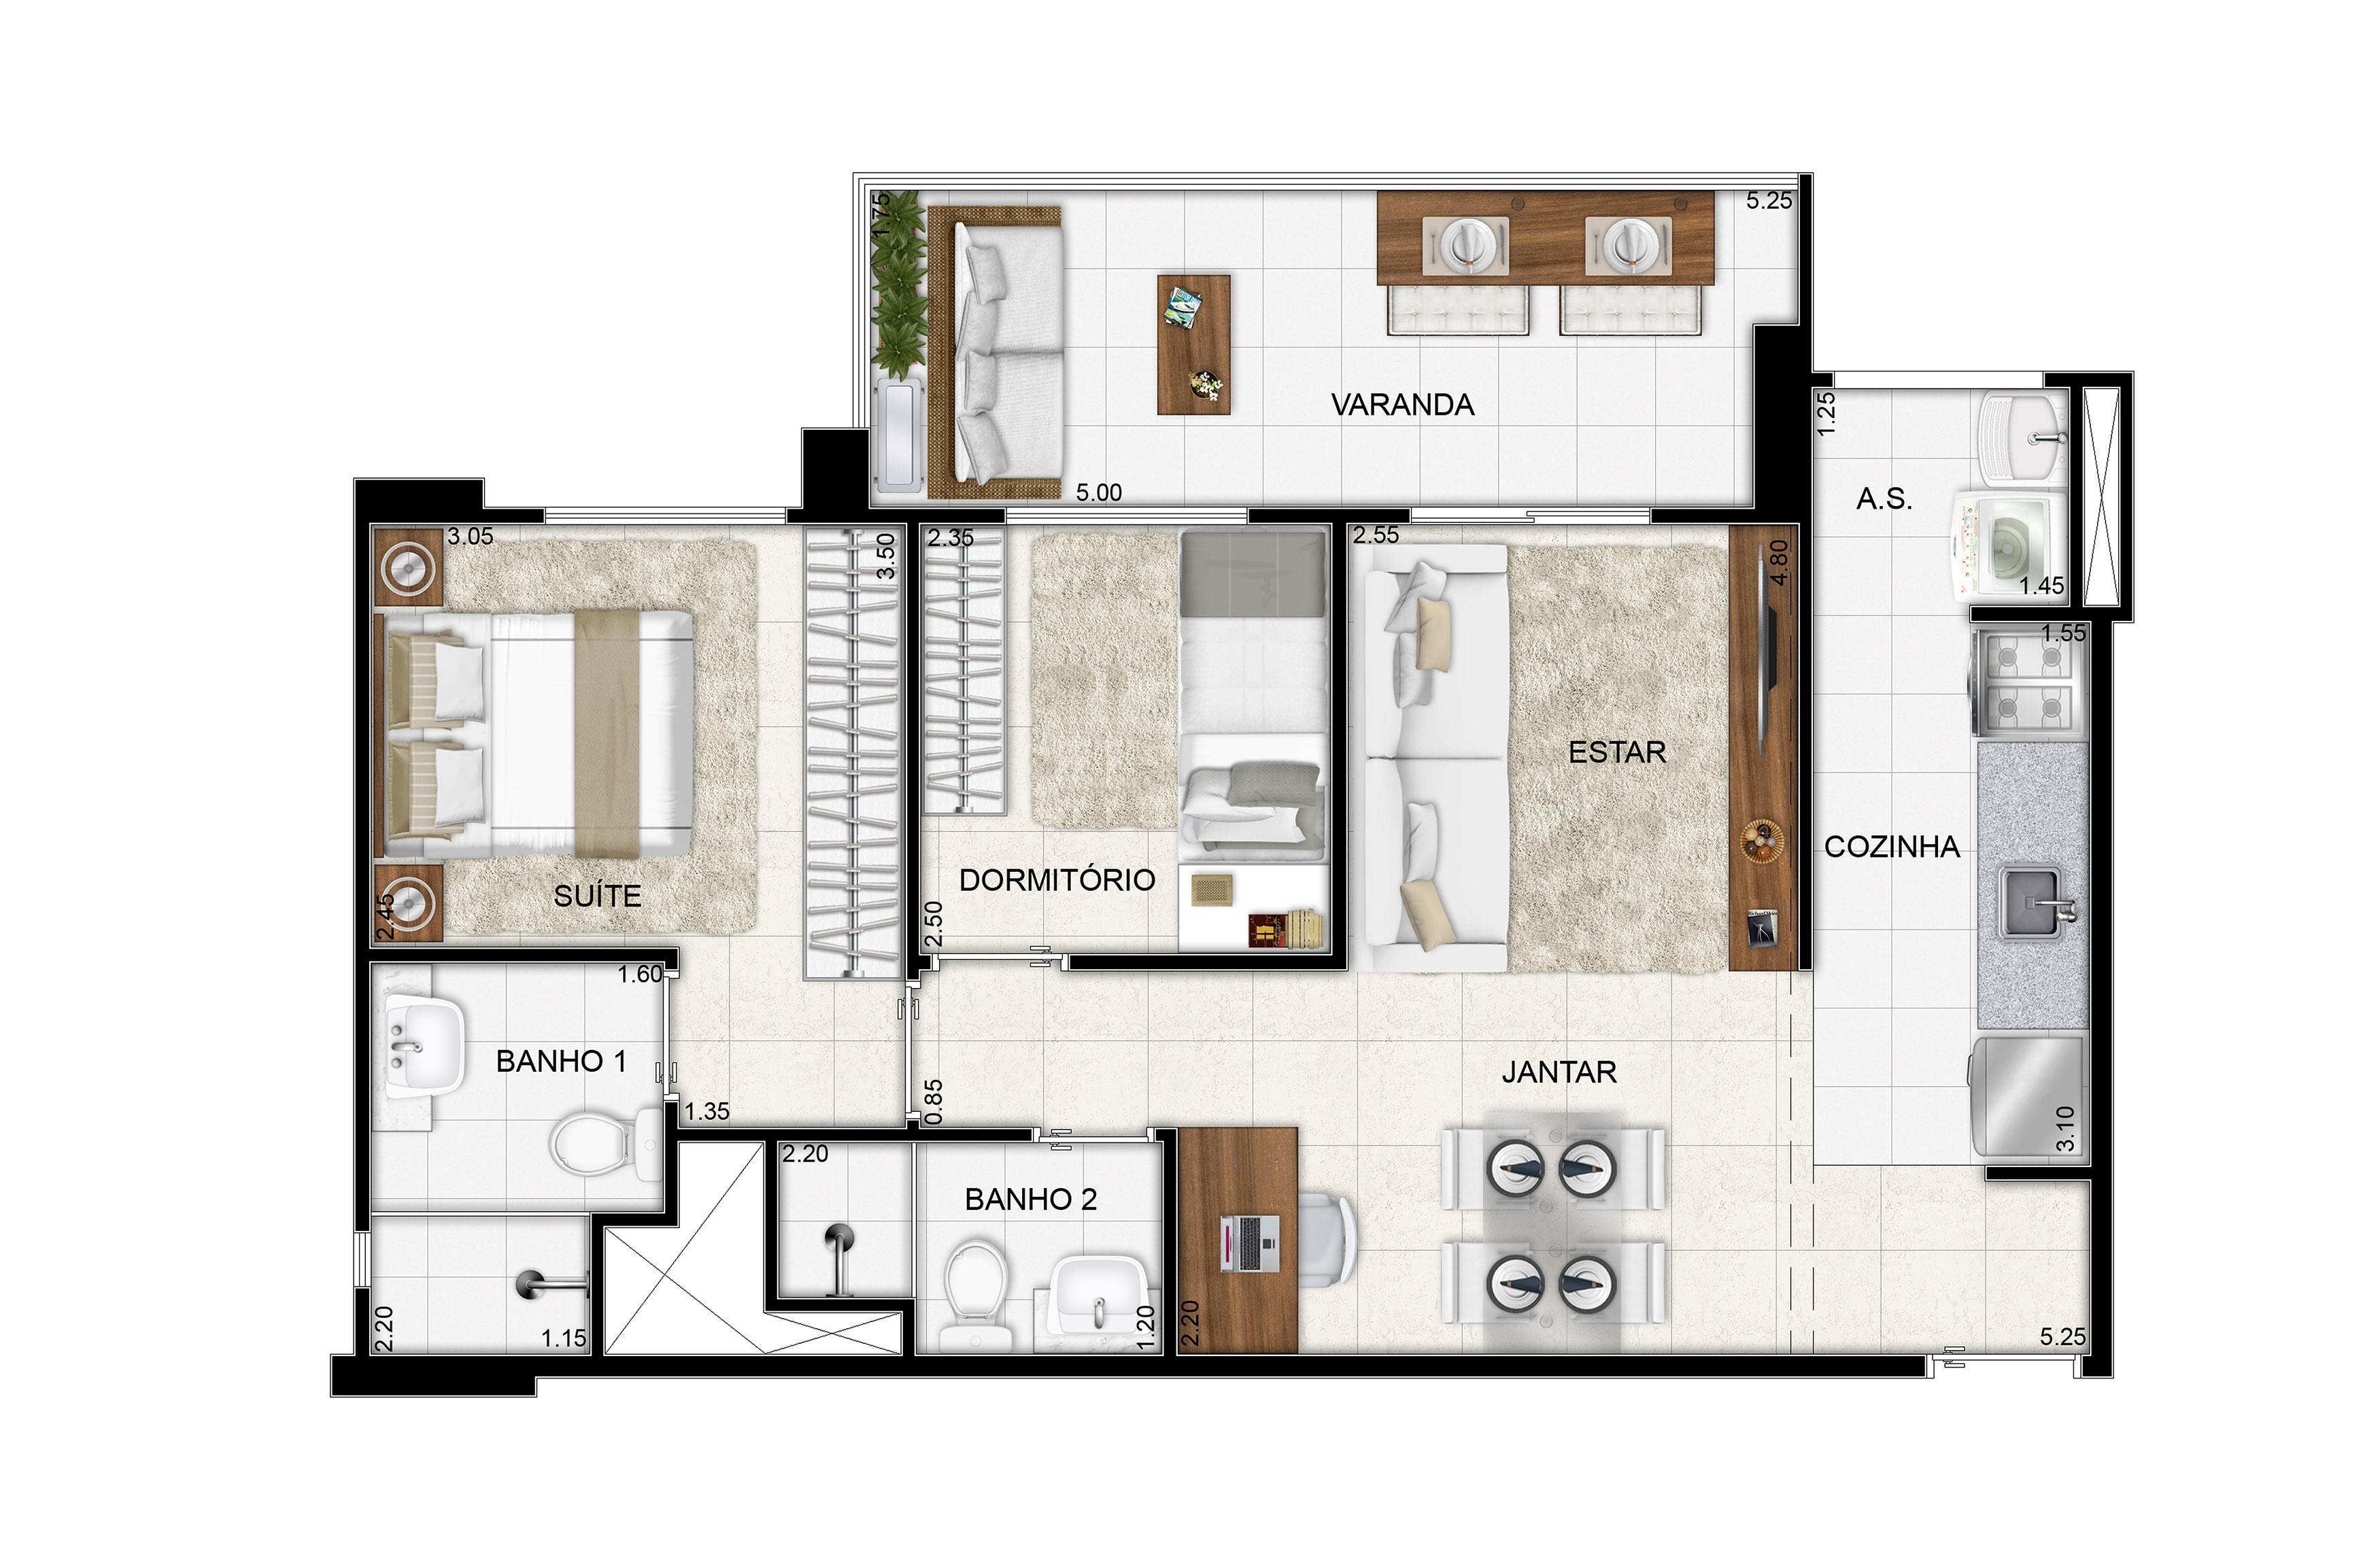 62,88 m² - 2 dorms - Apto tipo